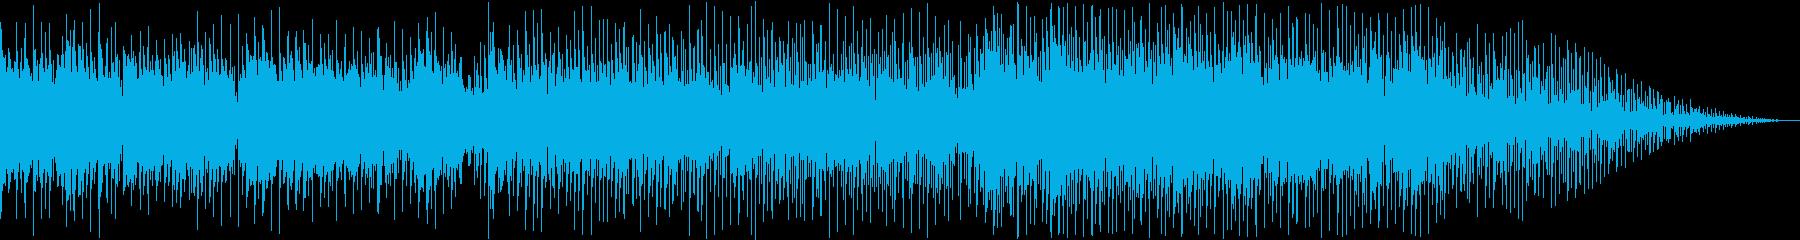 声、パーカッション、スルド、シェー...の再生済みの波形